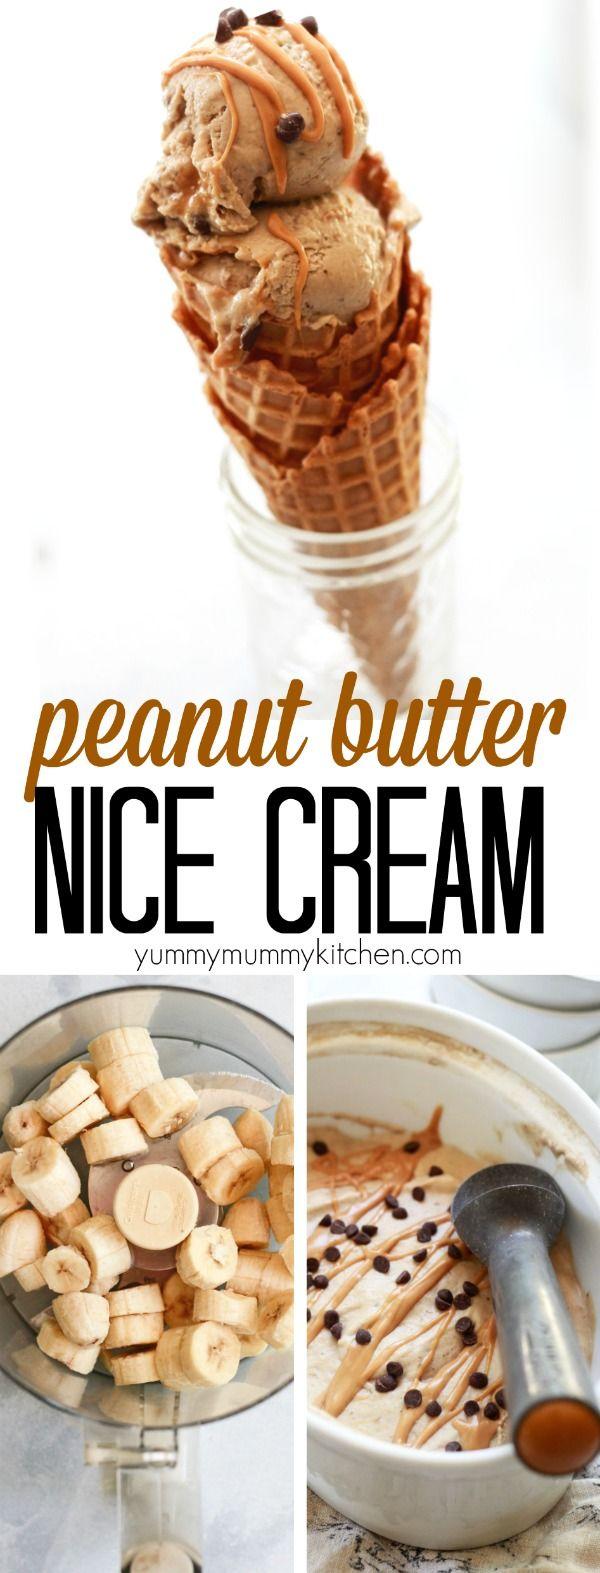 Peanut Butter Banana Nice Cream - Yummy Mummy Kitchen